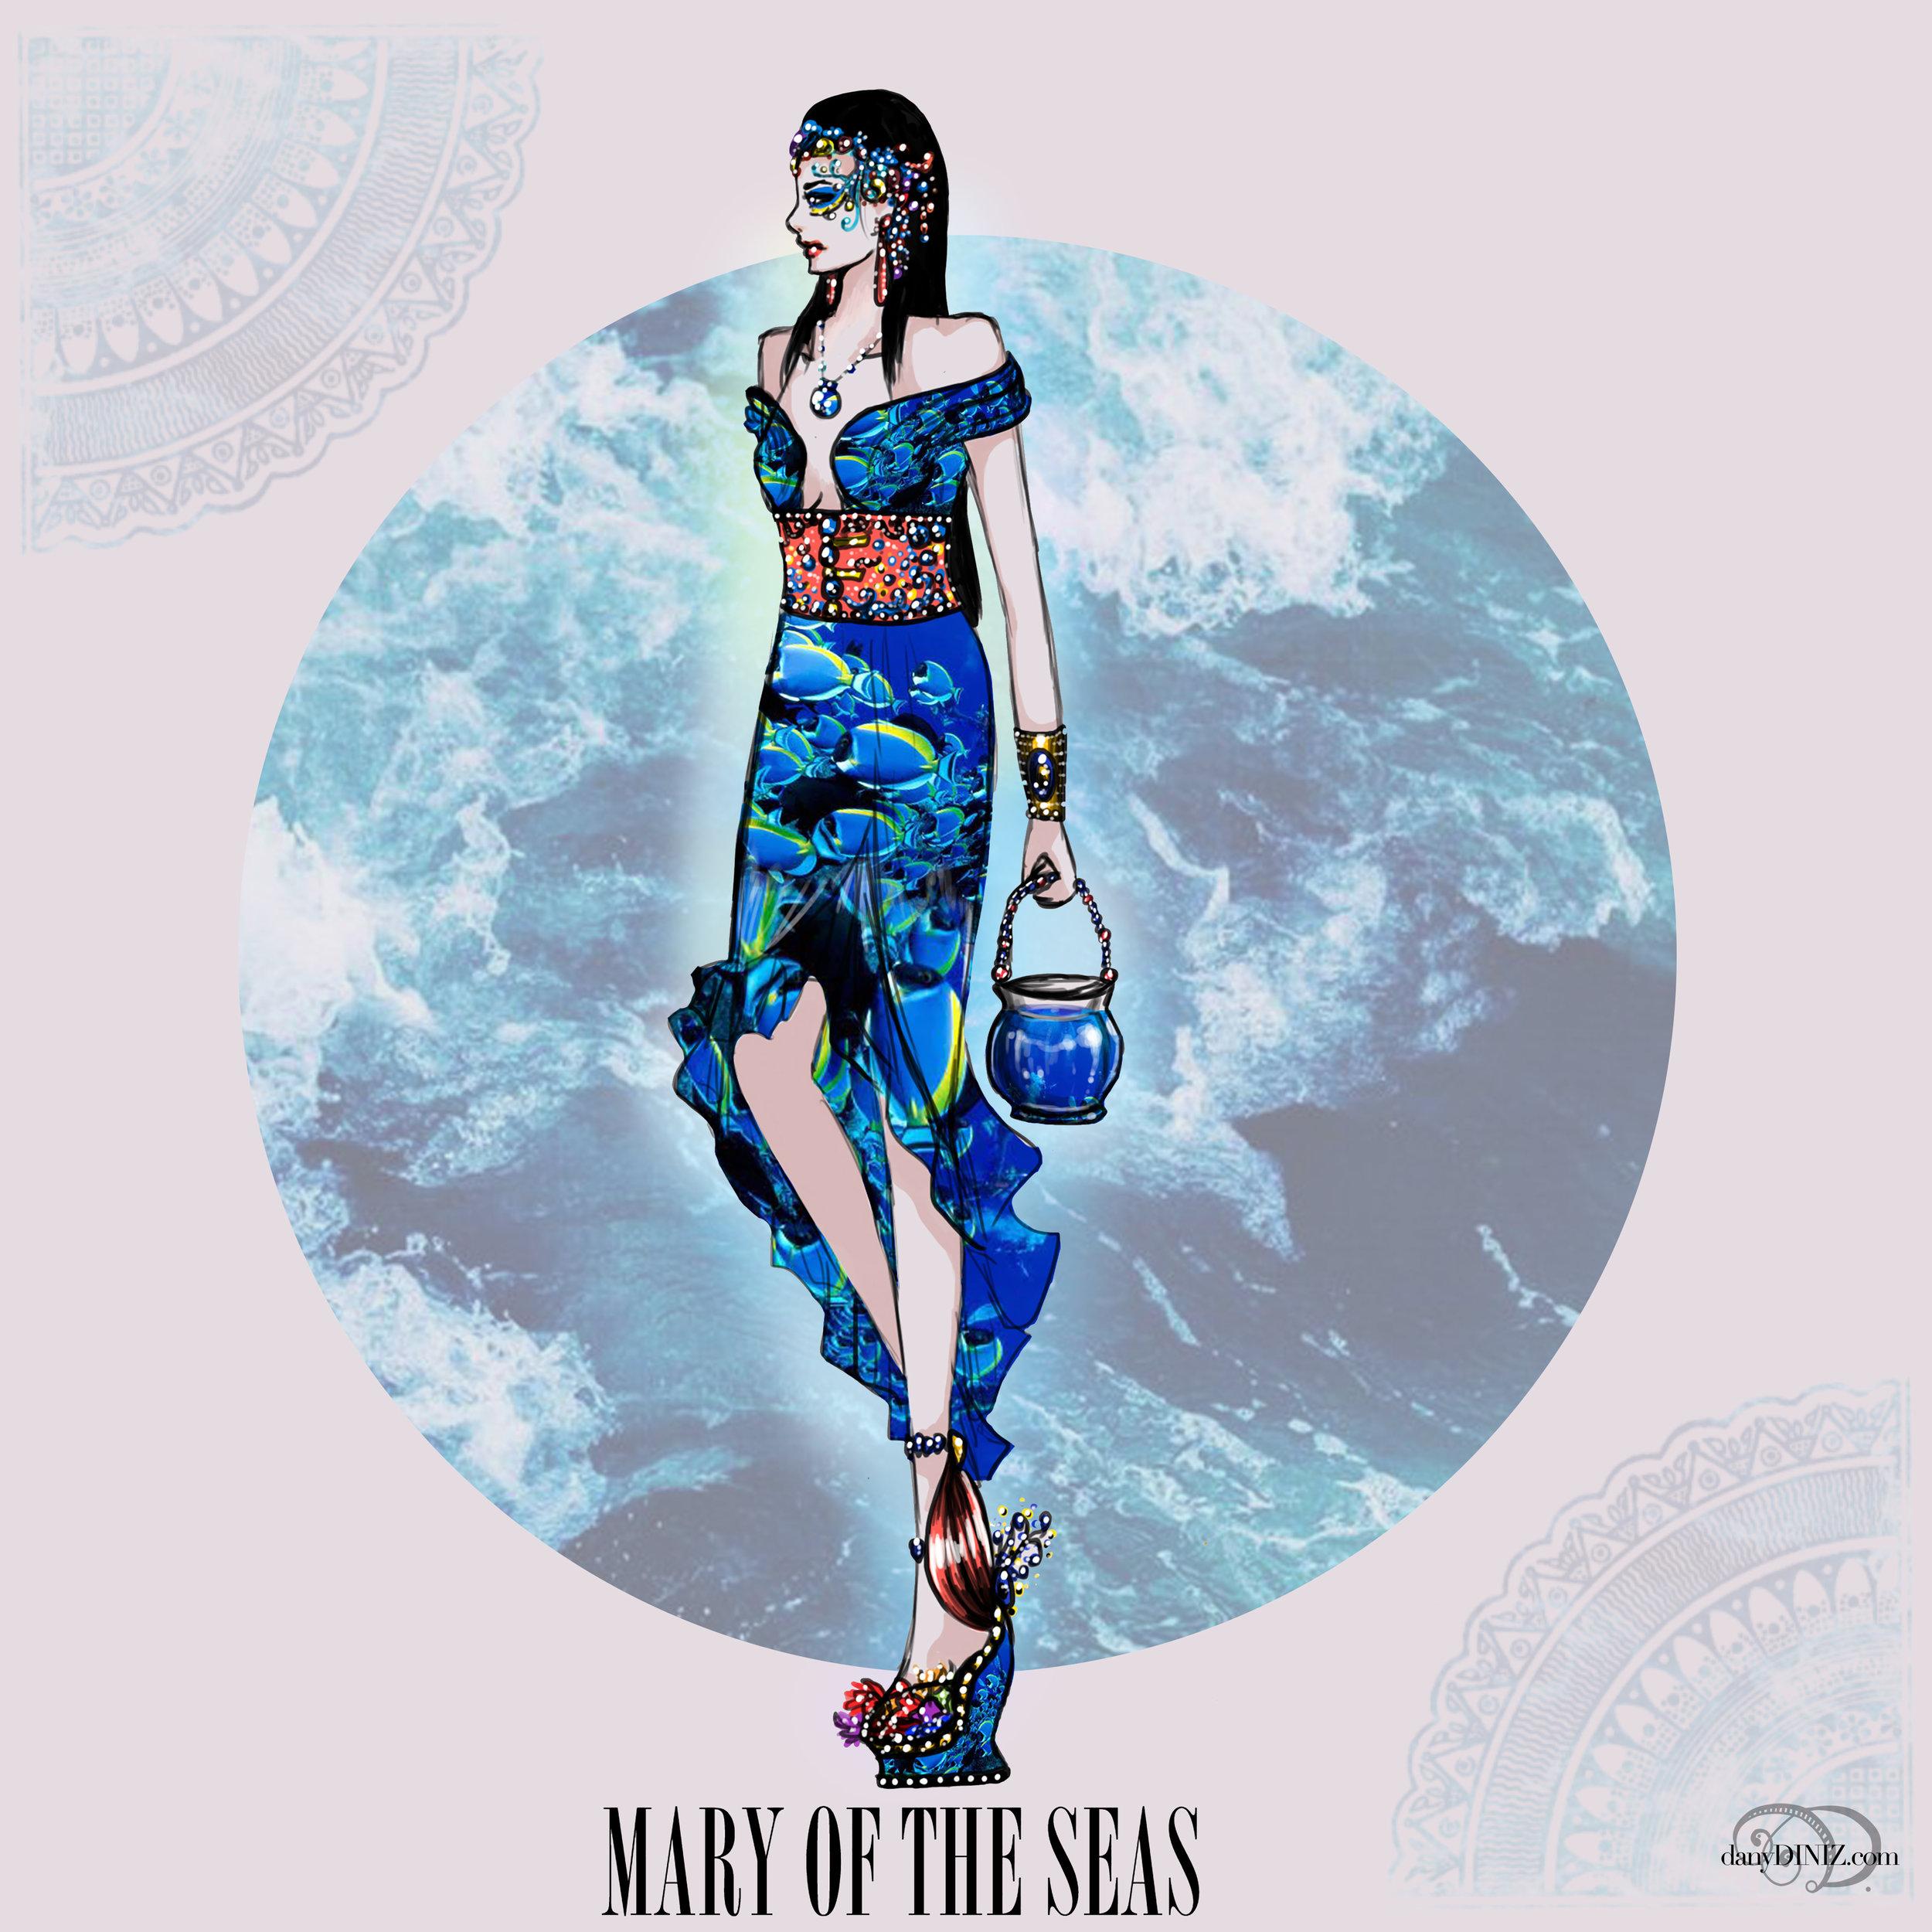 MARY OF THE SEAS